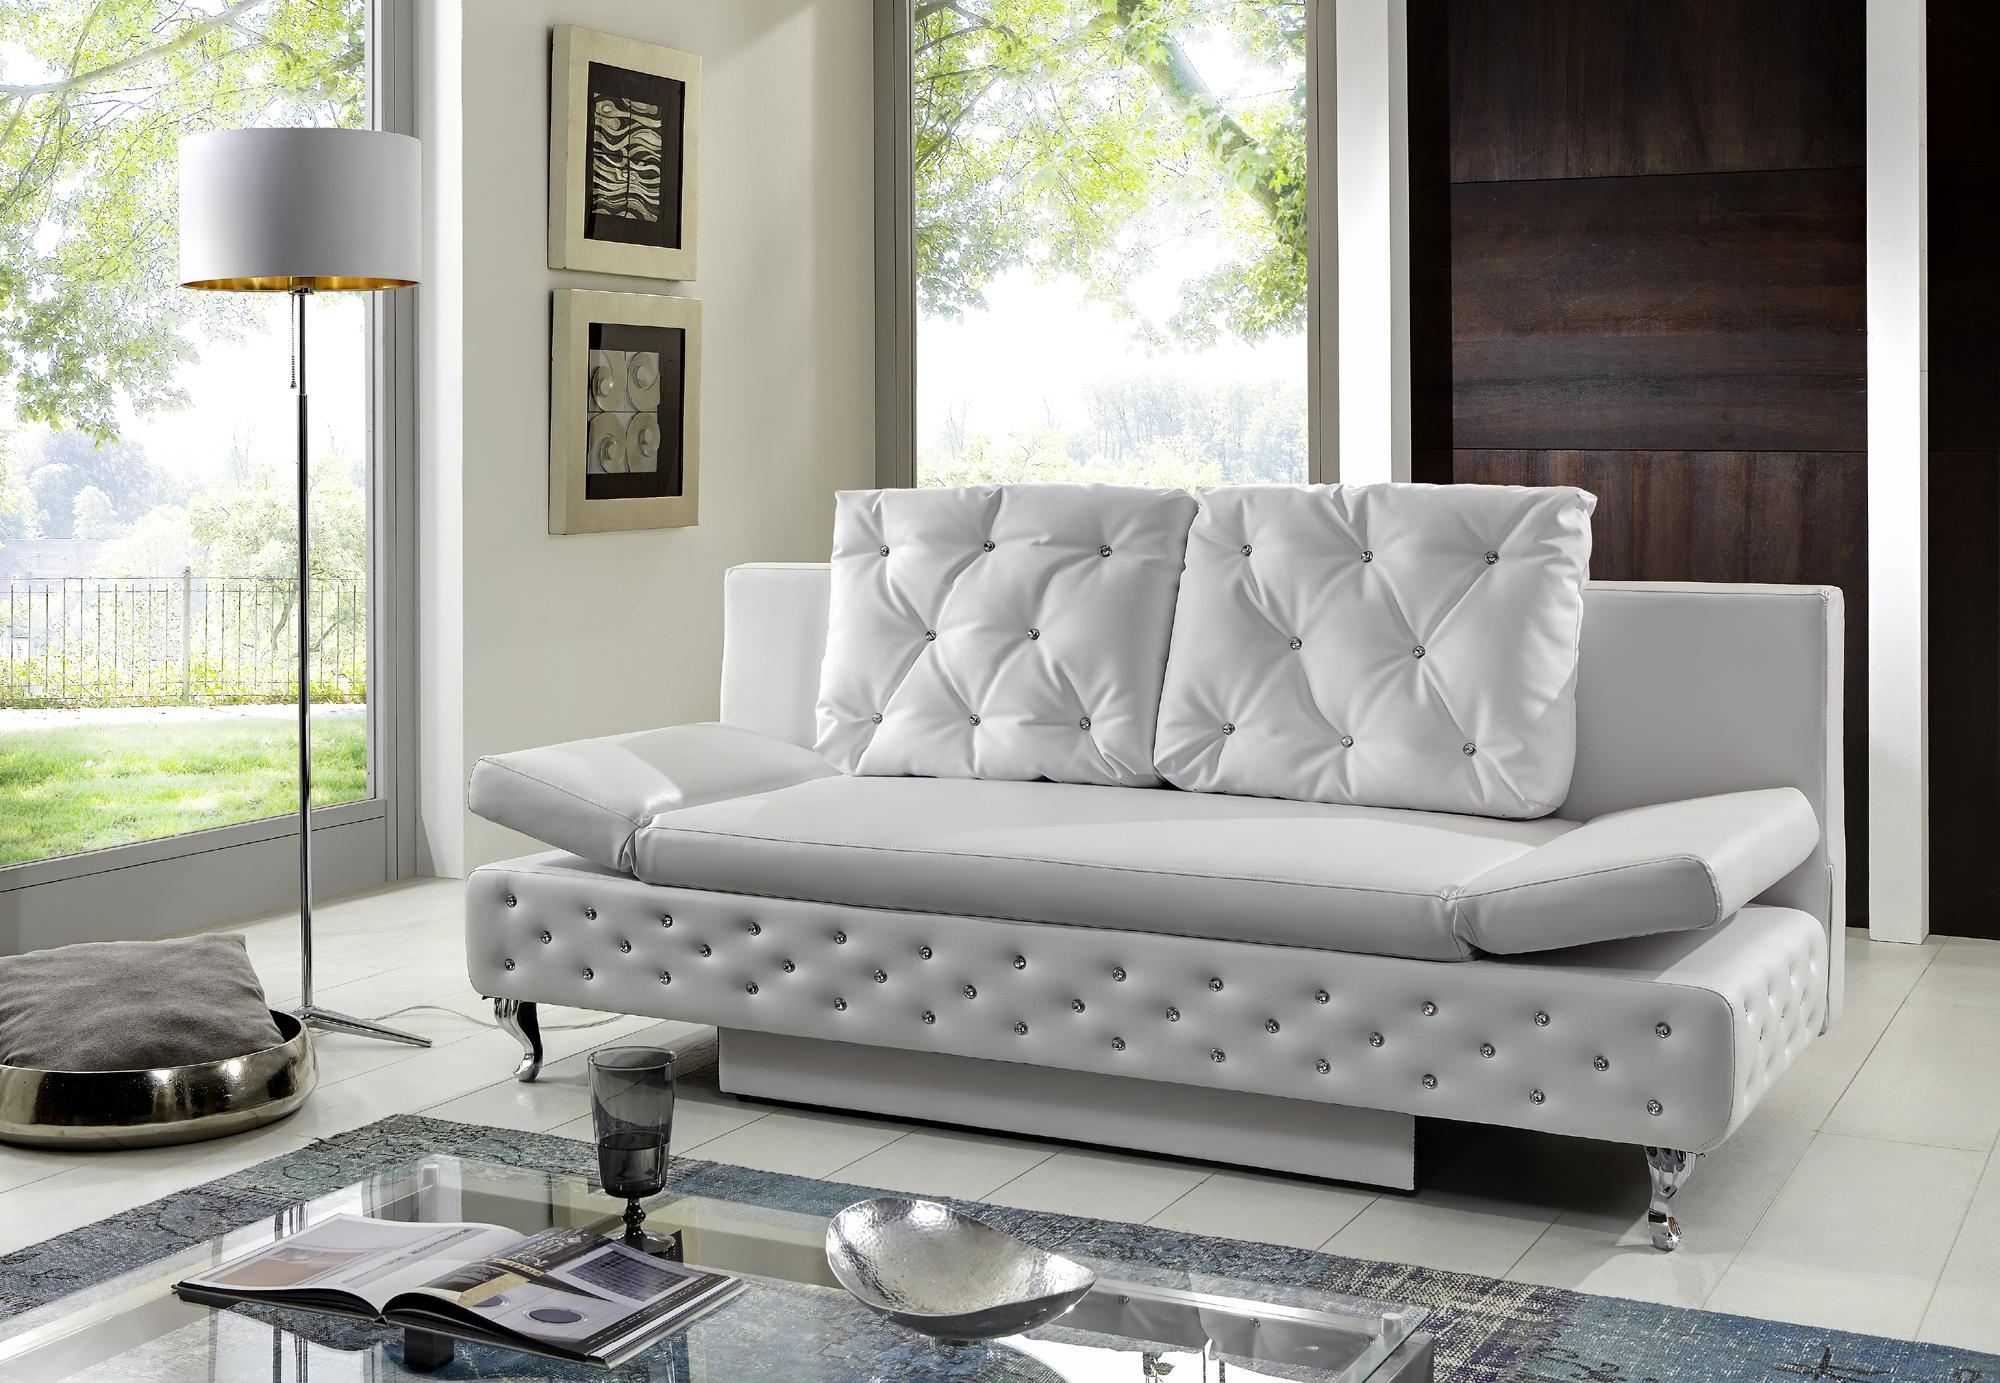 Sam schlafsofa wei sofa roxy 200 cm auf lager for Schlafcouch auf rechnung